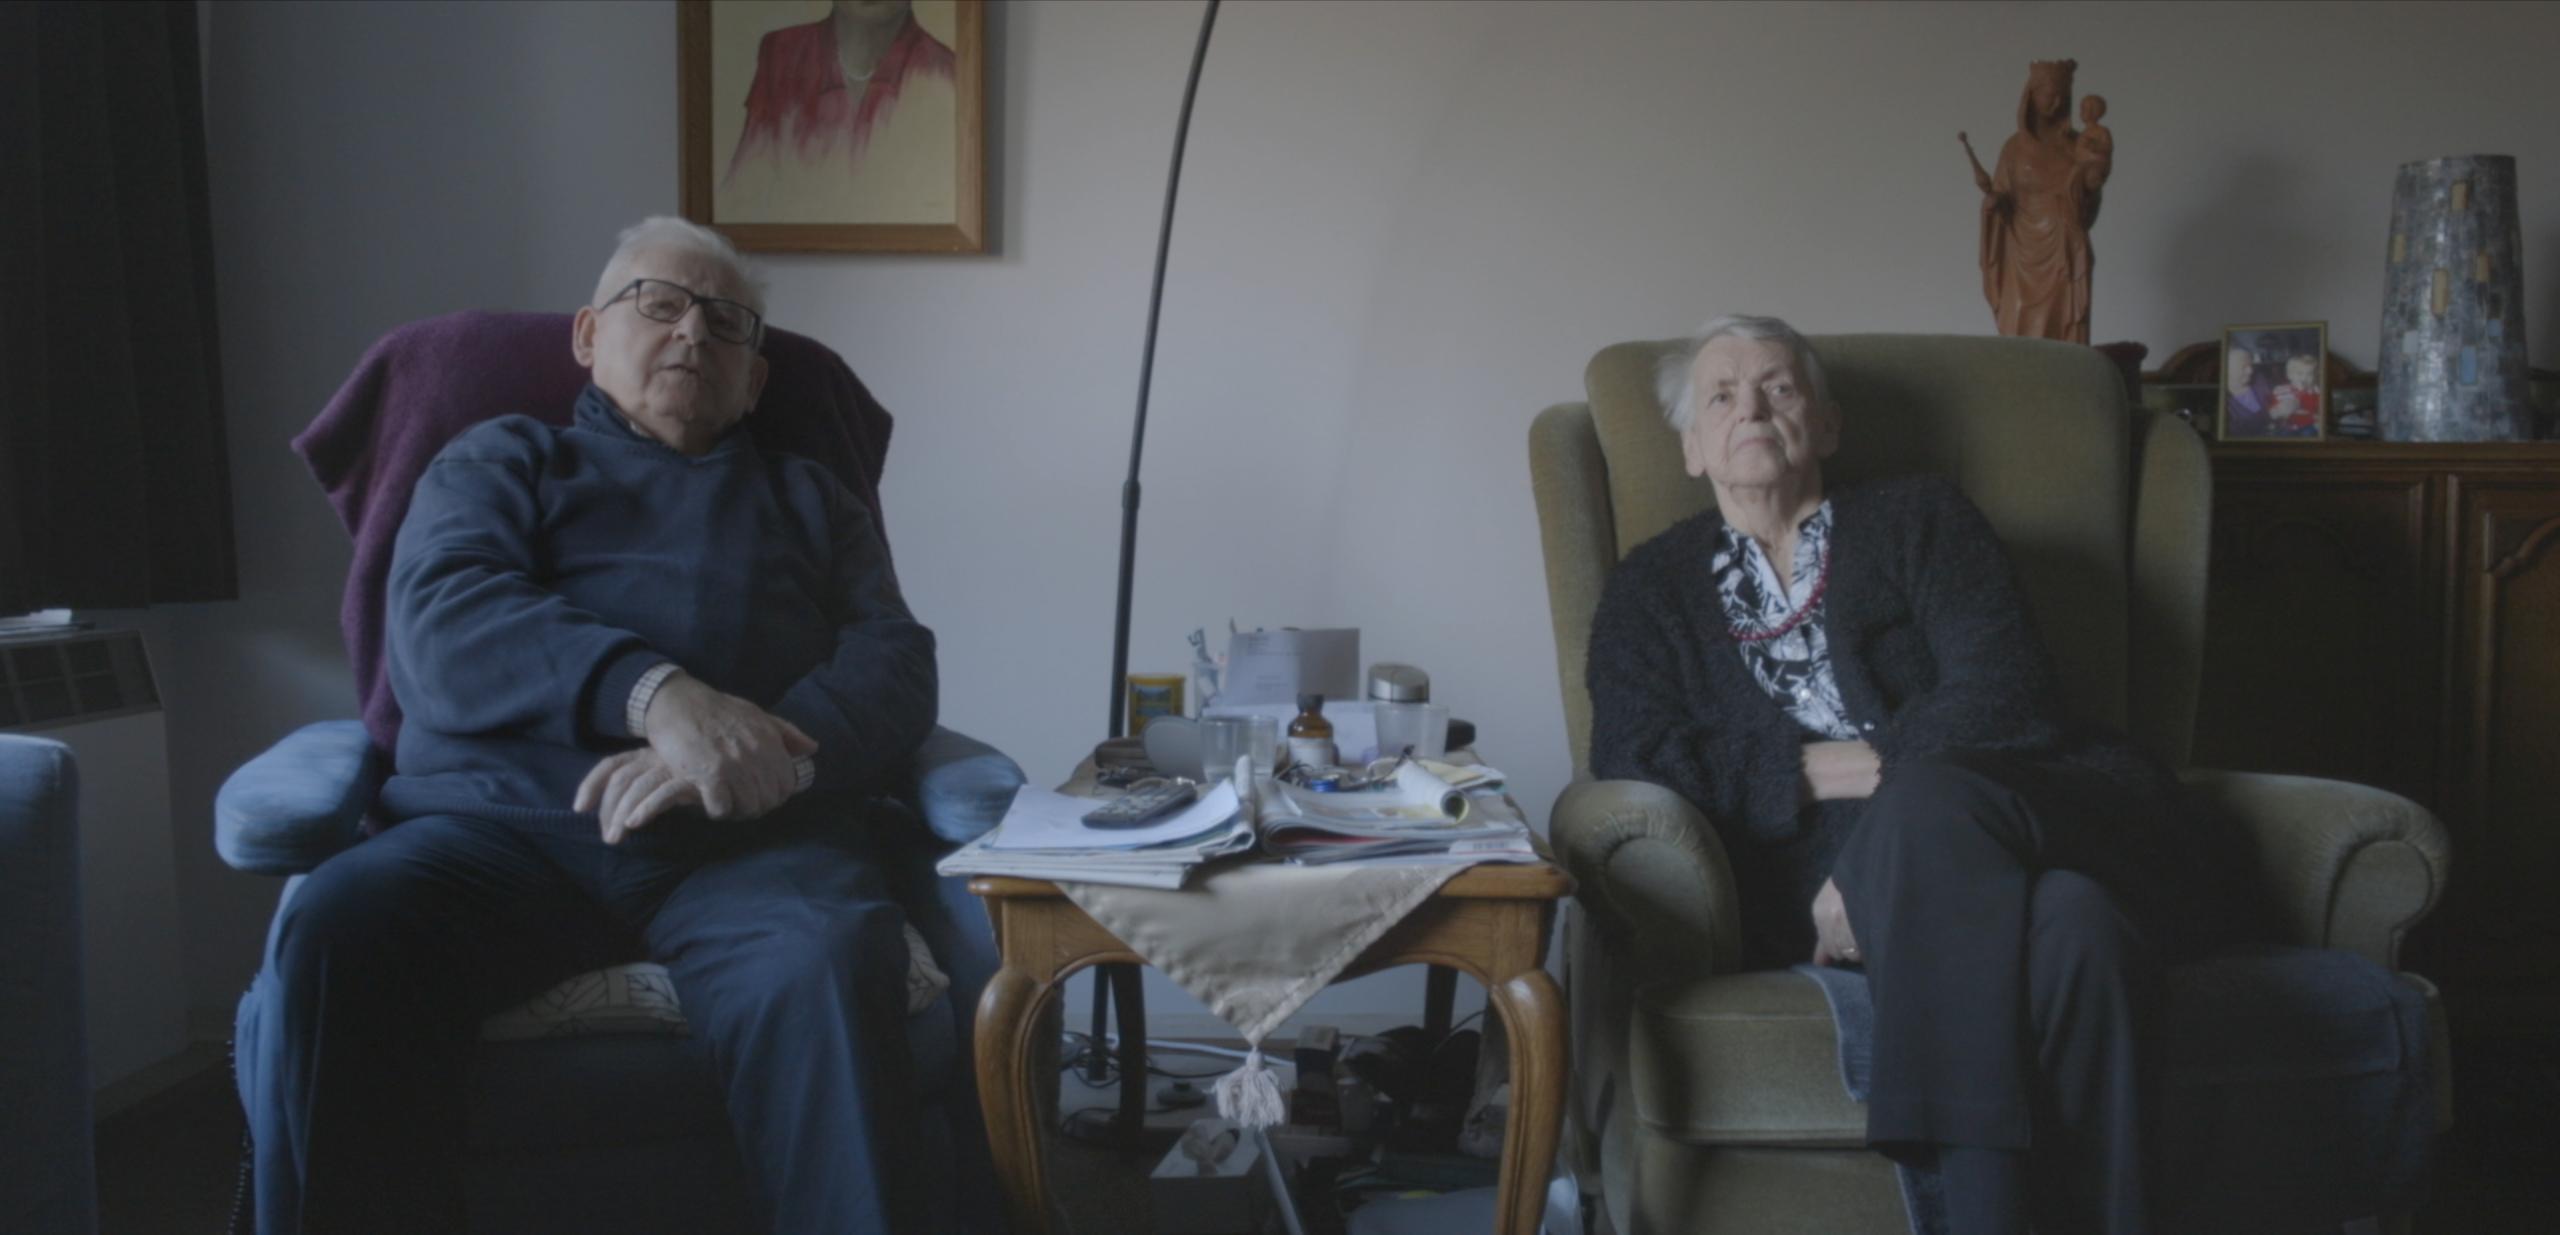 <b>Бельгия – 14 минут </b>| Режиссер Сэм Питерс | Российская премьера